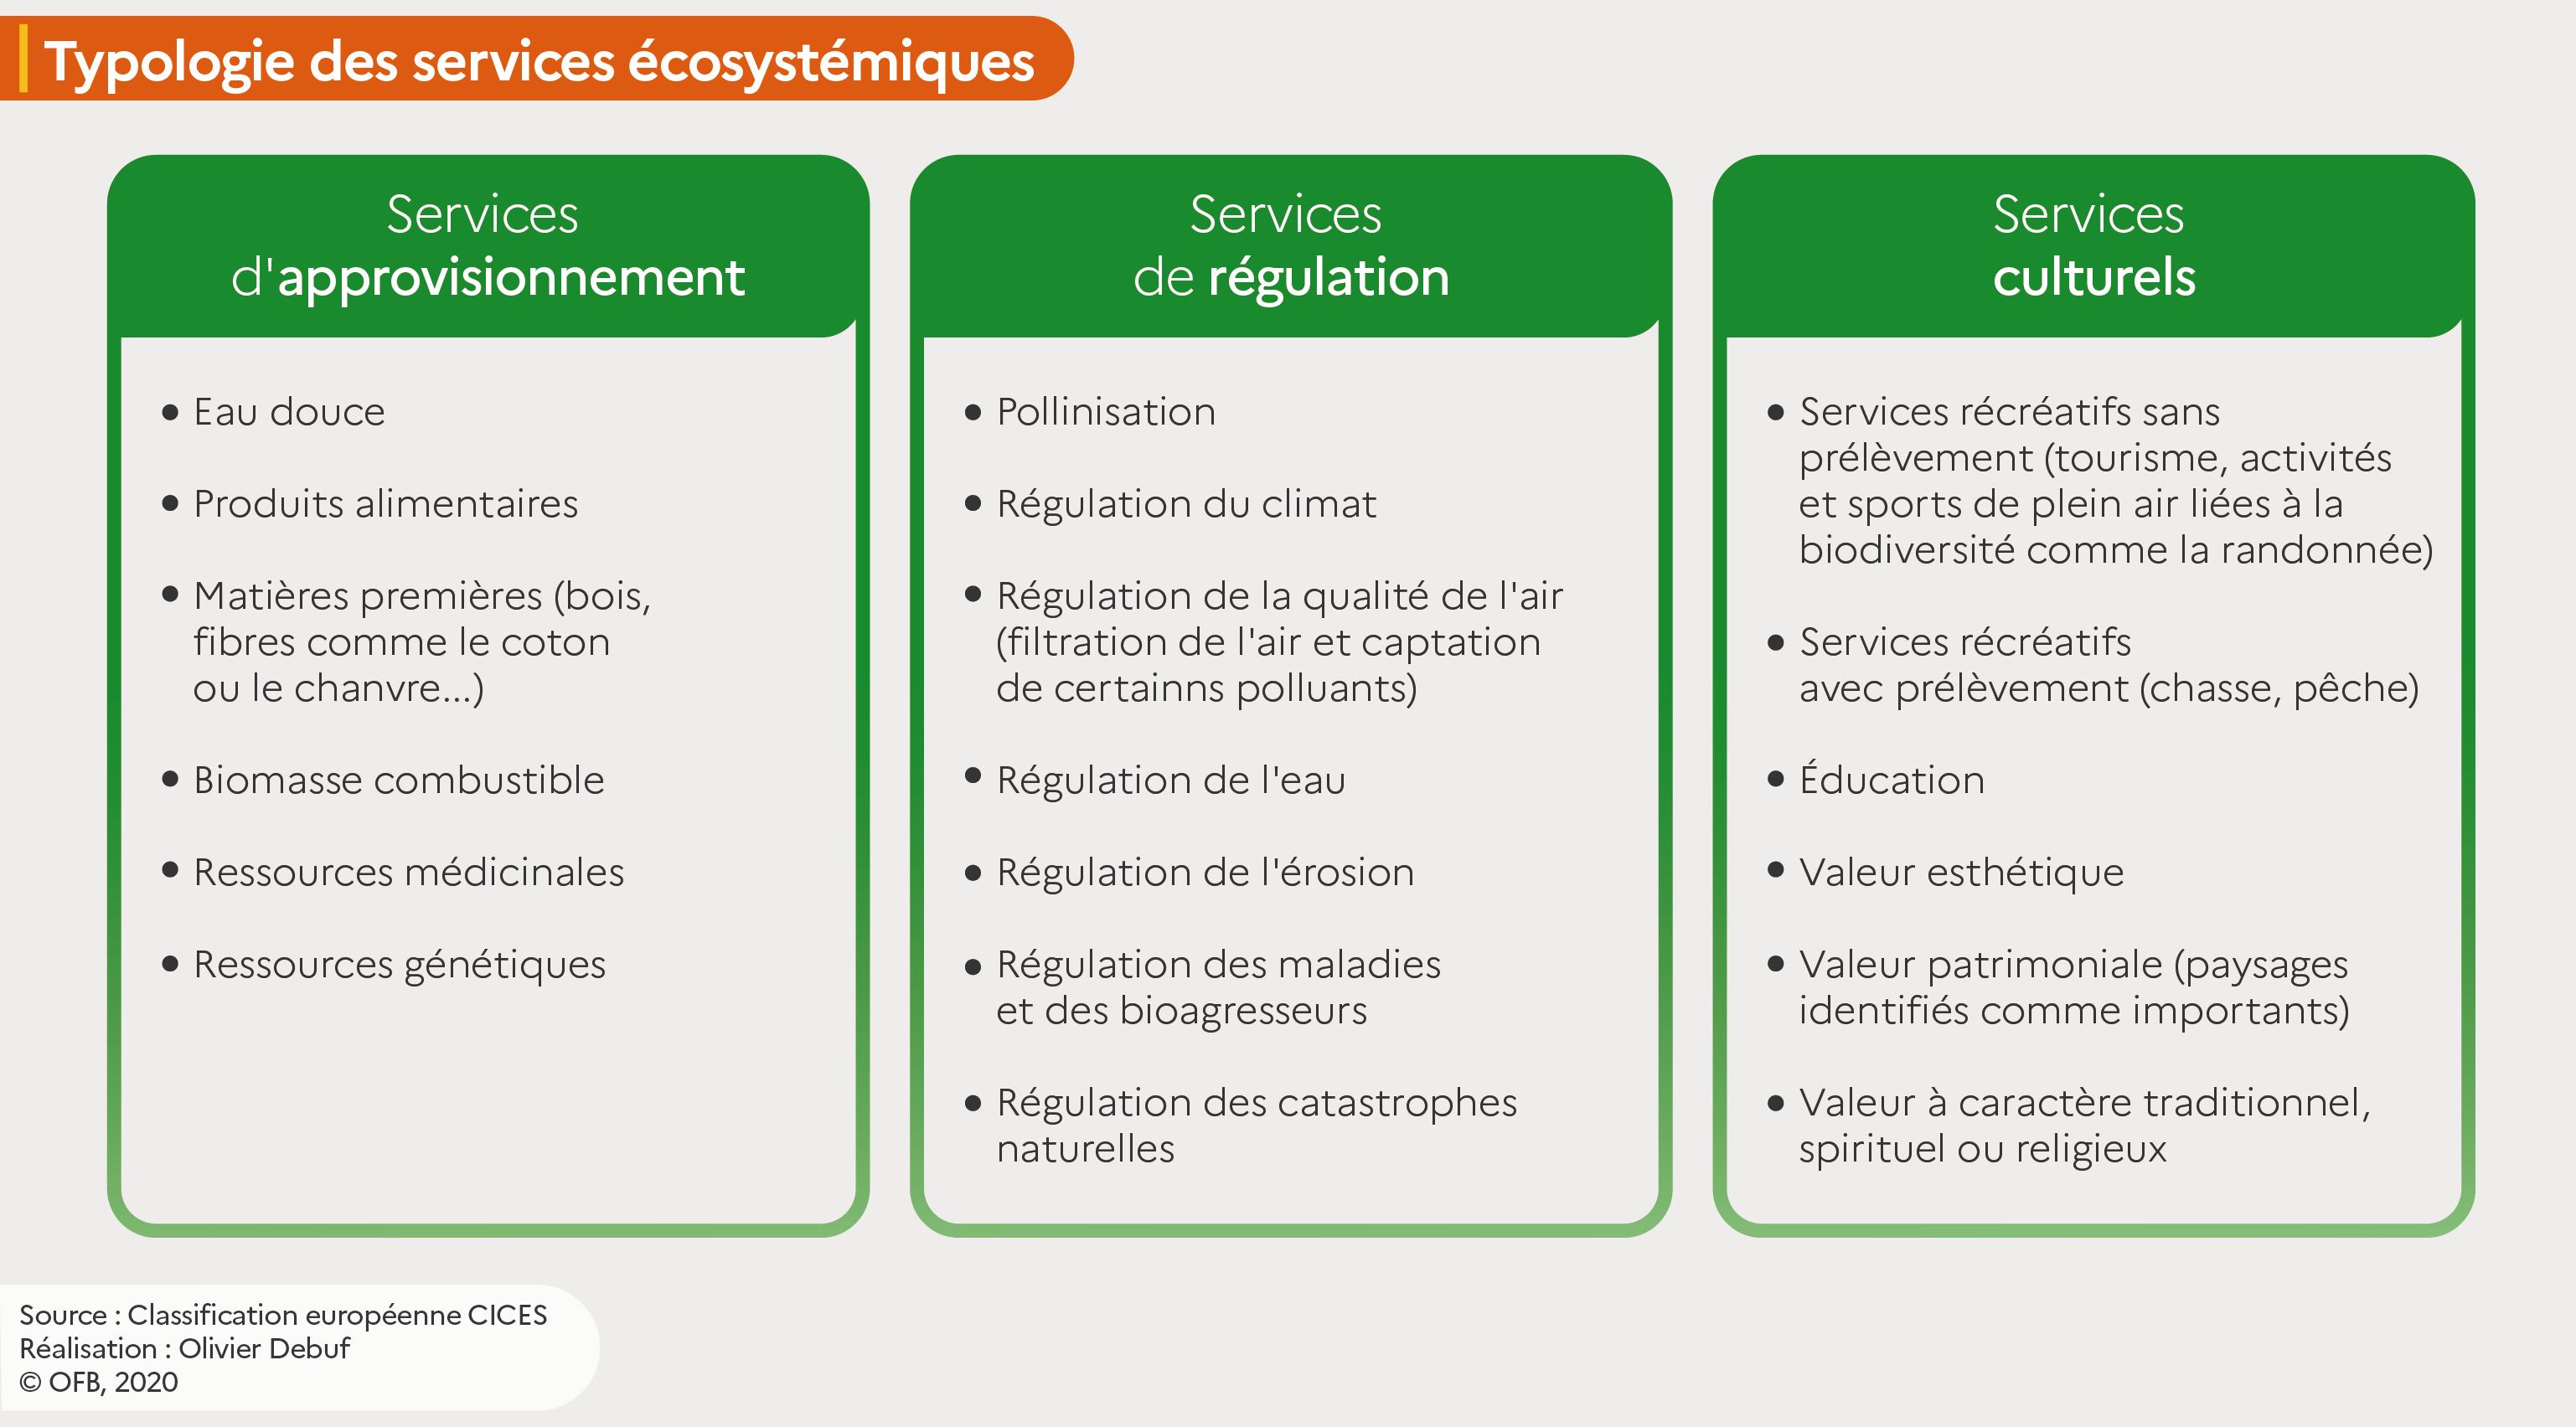 """Tableau """"Typologie des services écosystémiques selon la classification européenne CICES"""""""